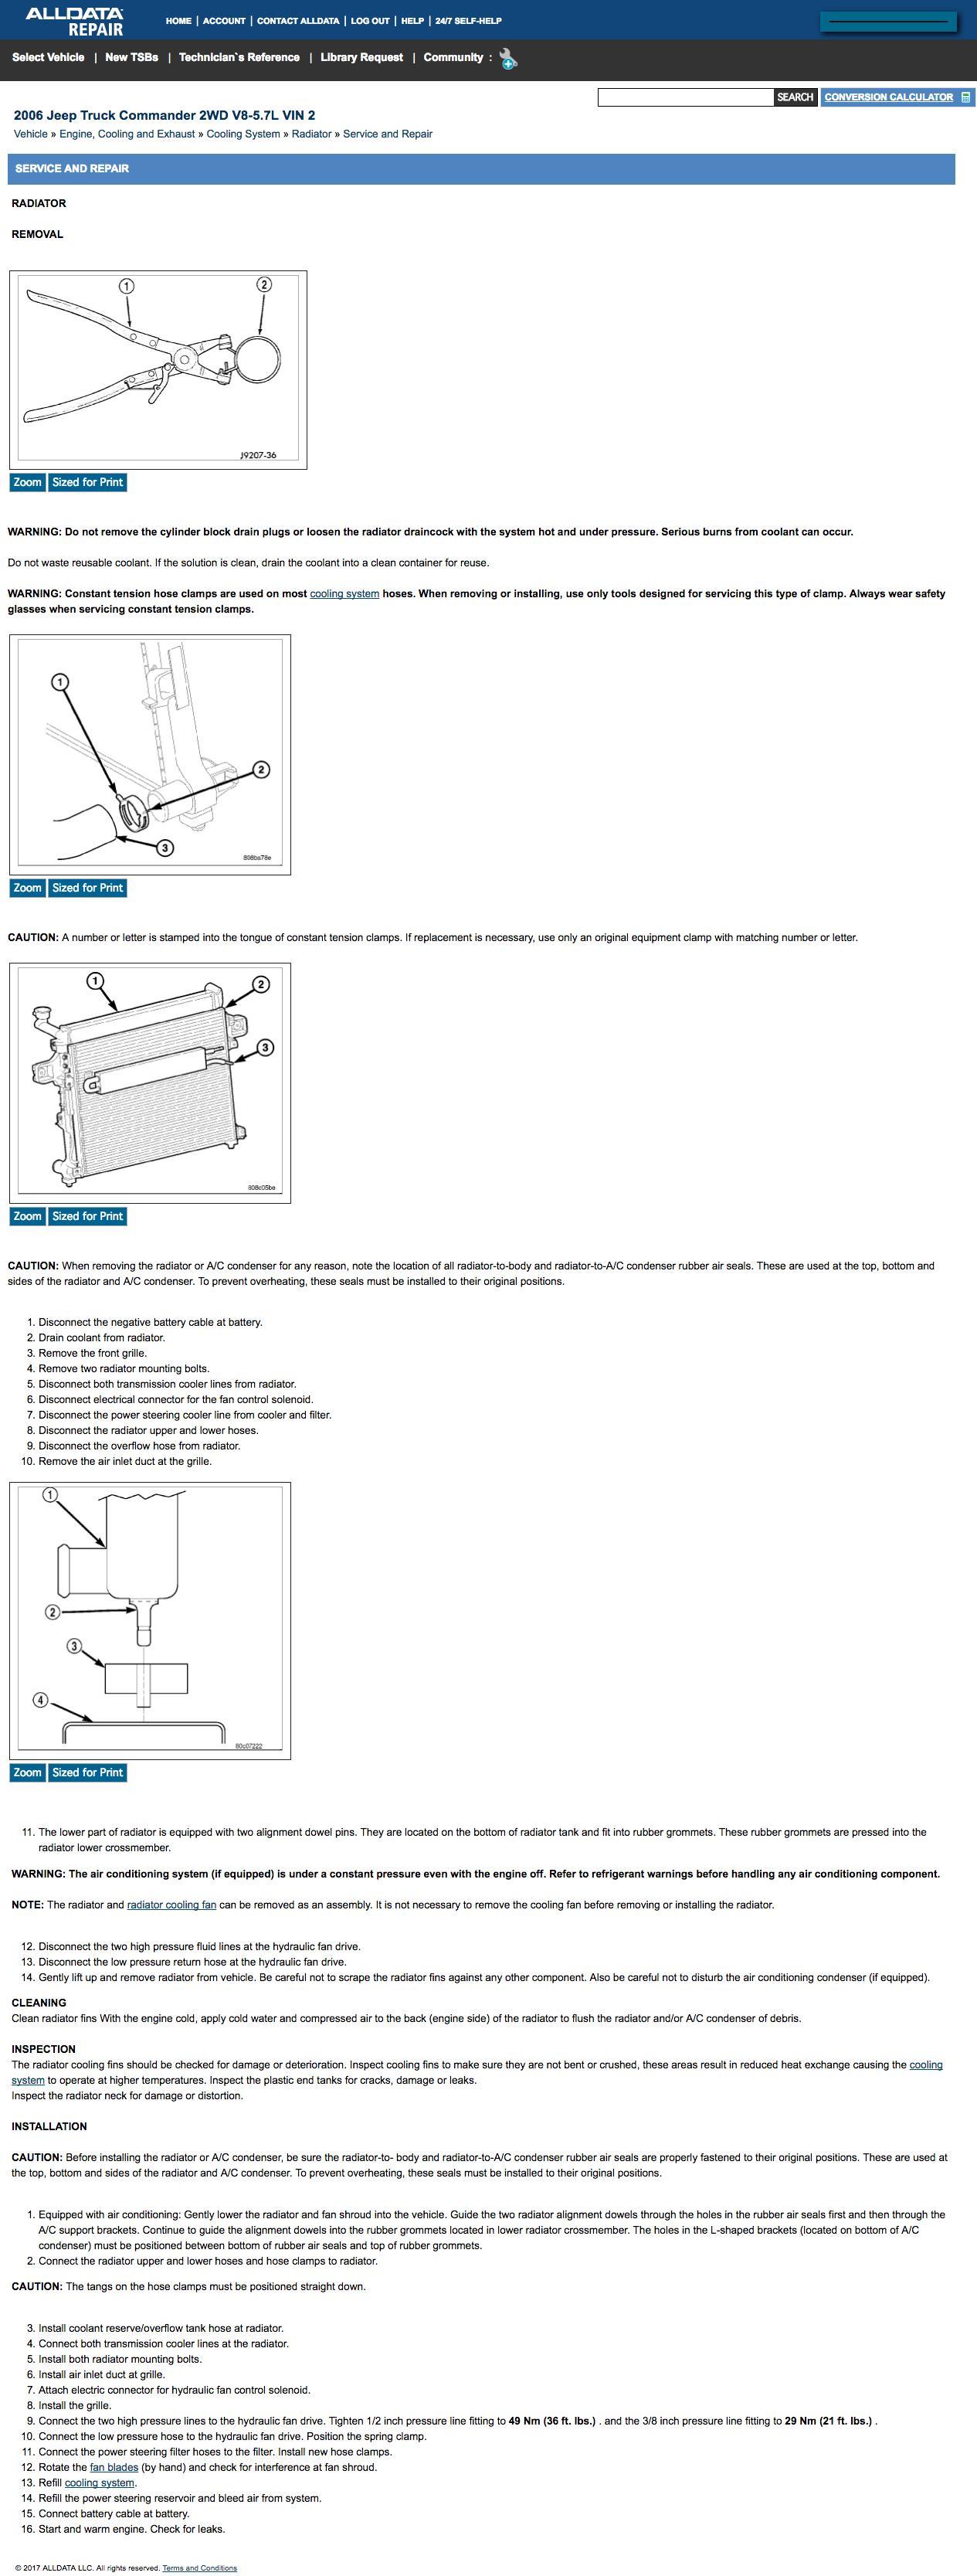 Jeep Commander Engine Diagram 2 5 Fa E A Eaed Alldata Repair Truck Vin Service And 1265x3334